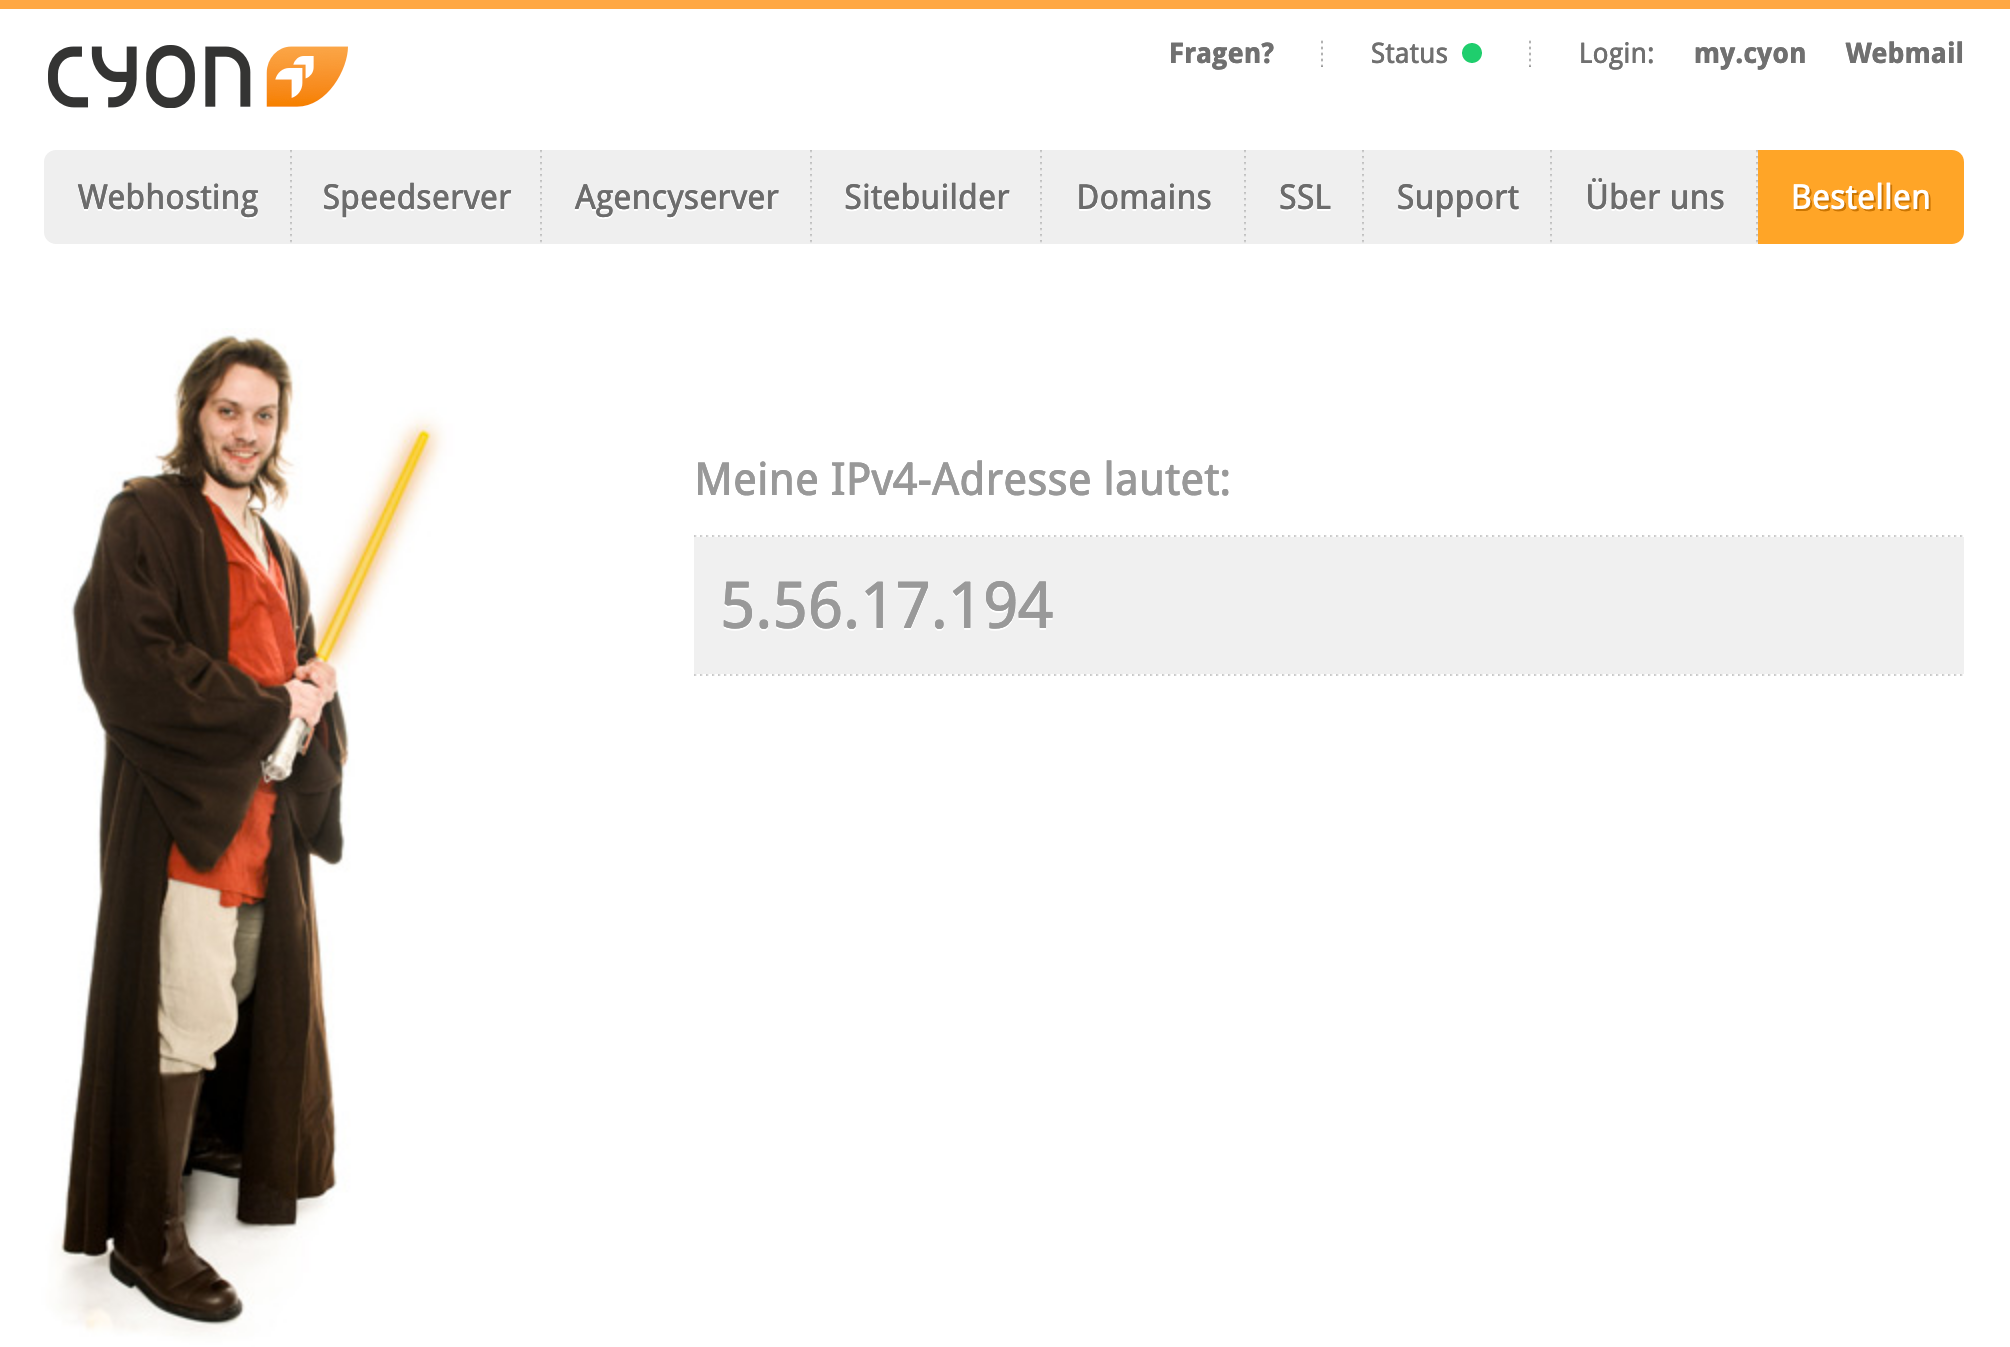 Ihre öffentliche IP-Adresse